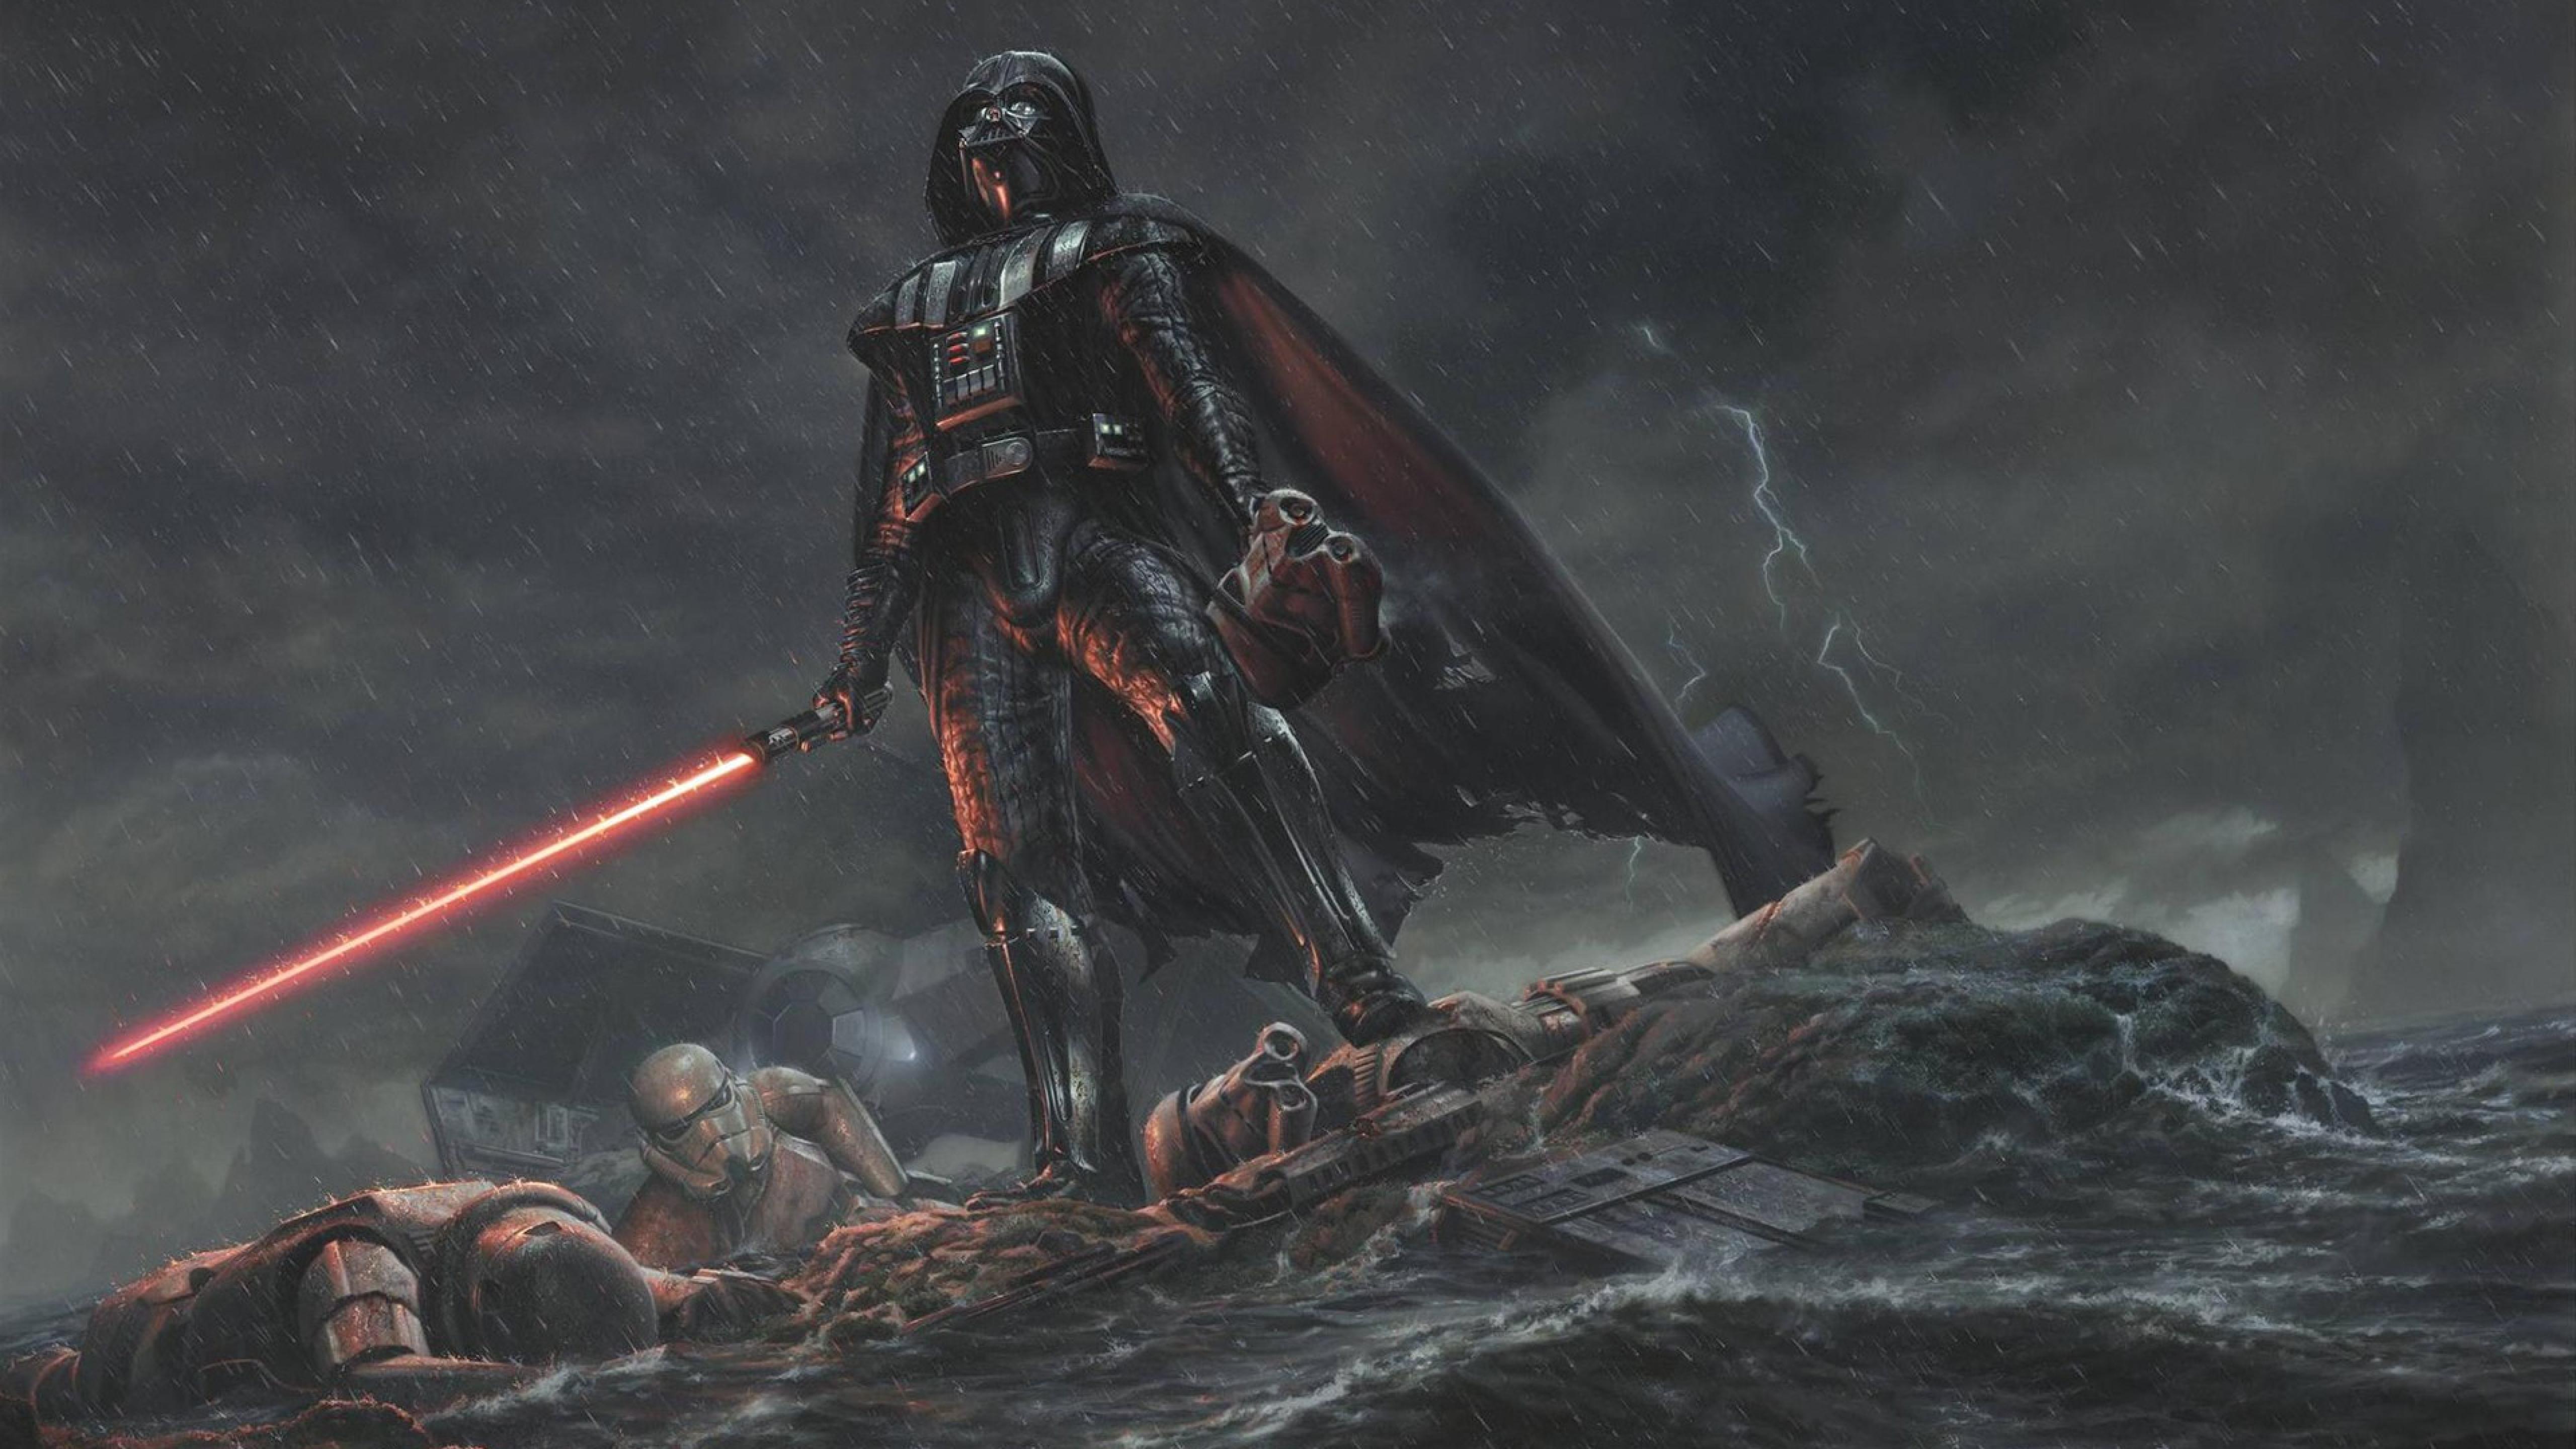 darth vader star wars stormtrooper a2Vram6UmZqaraWkpJRqZmdlrWdtbWU